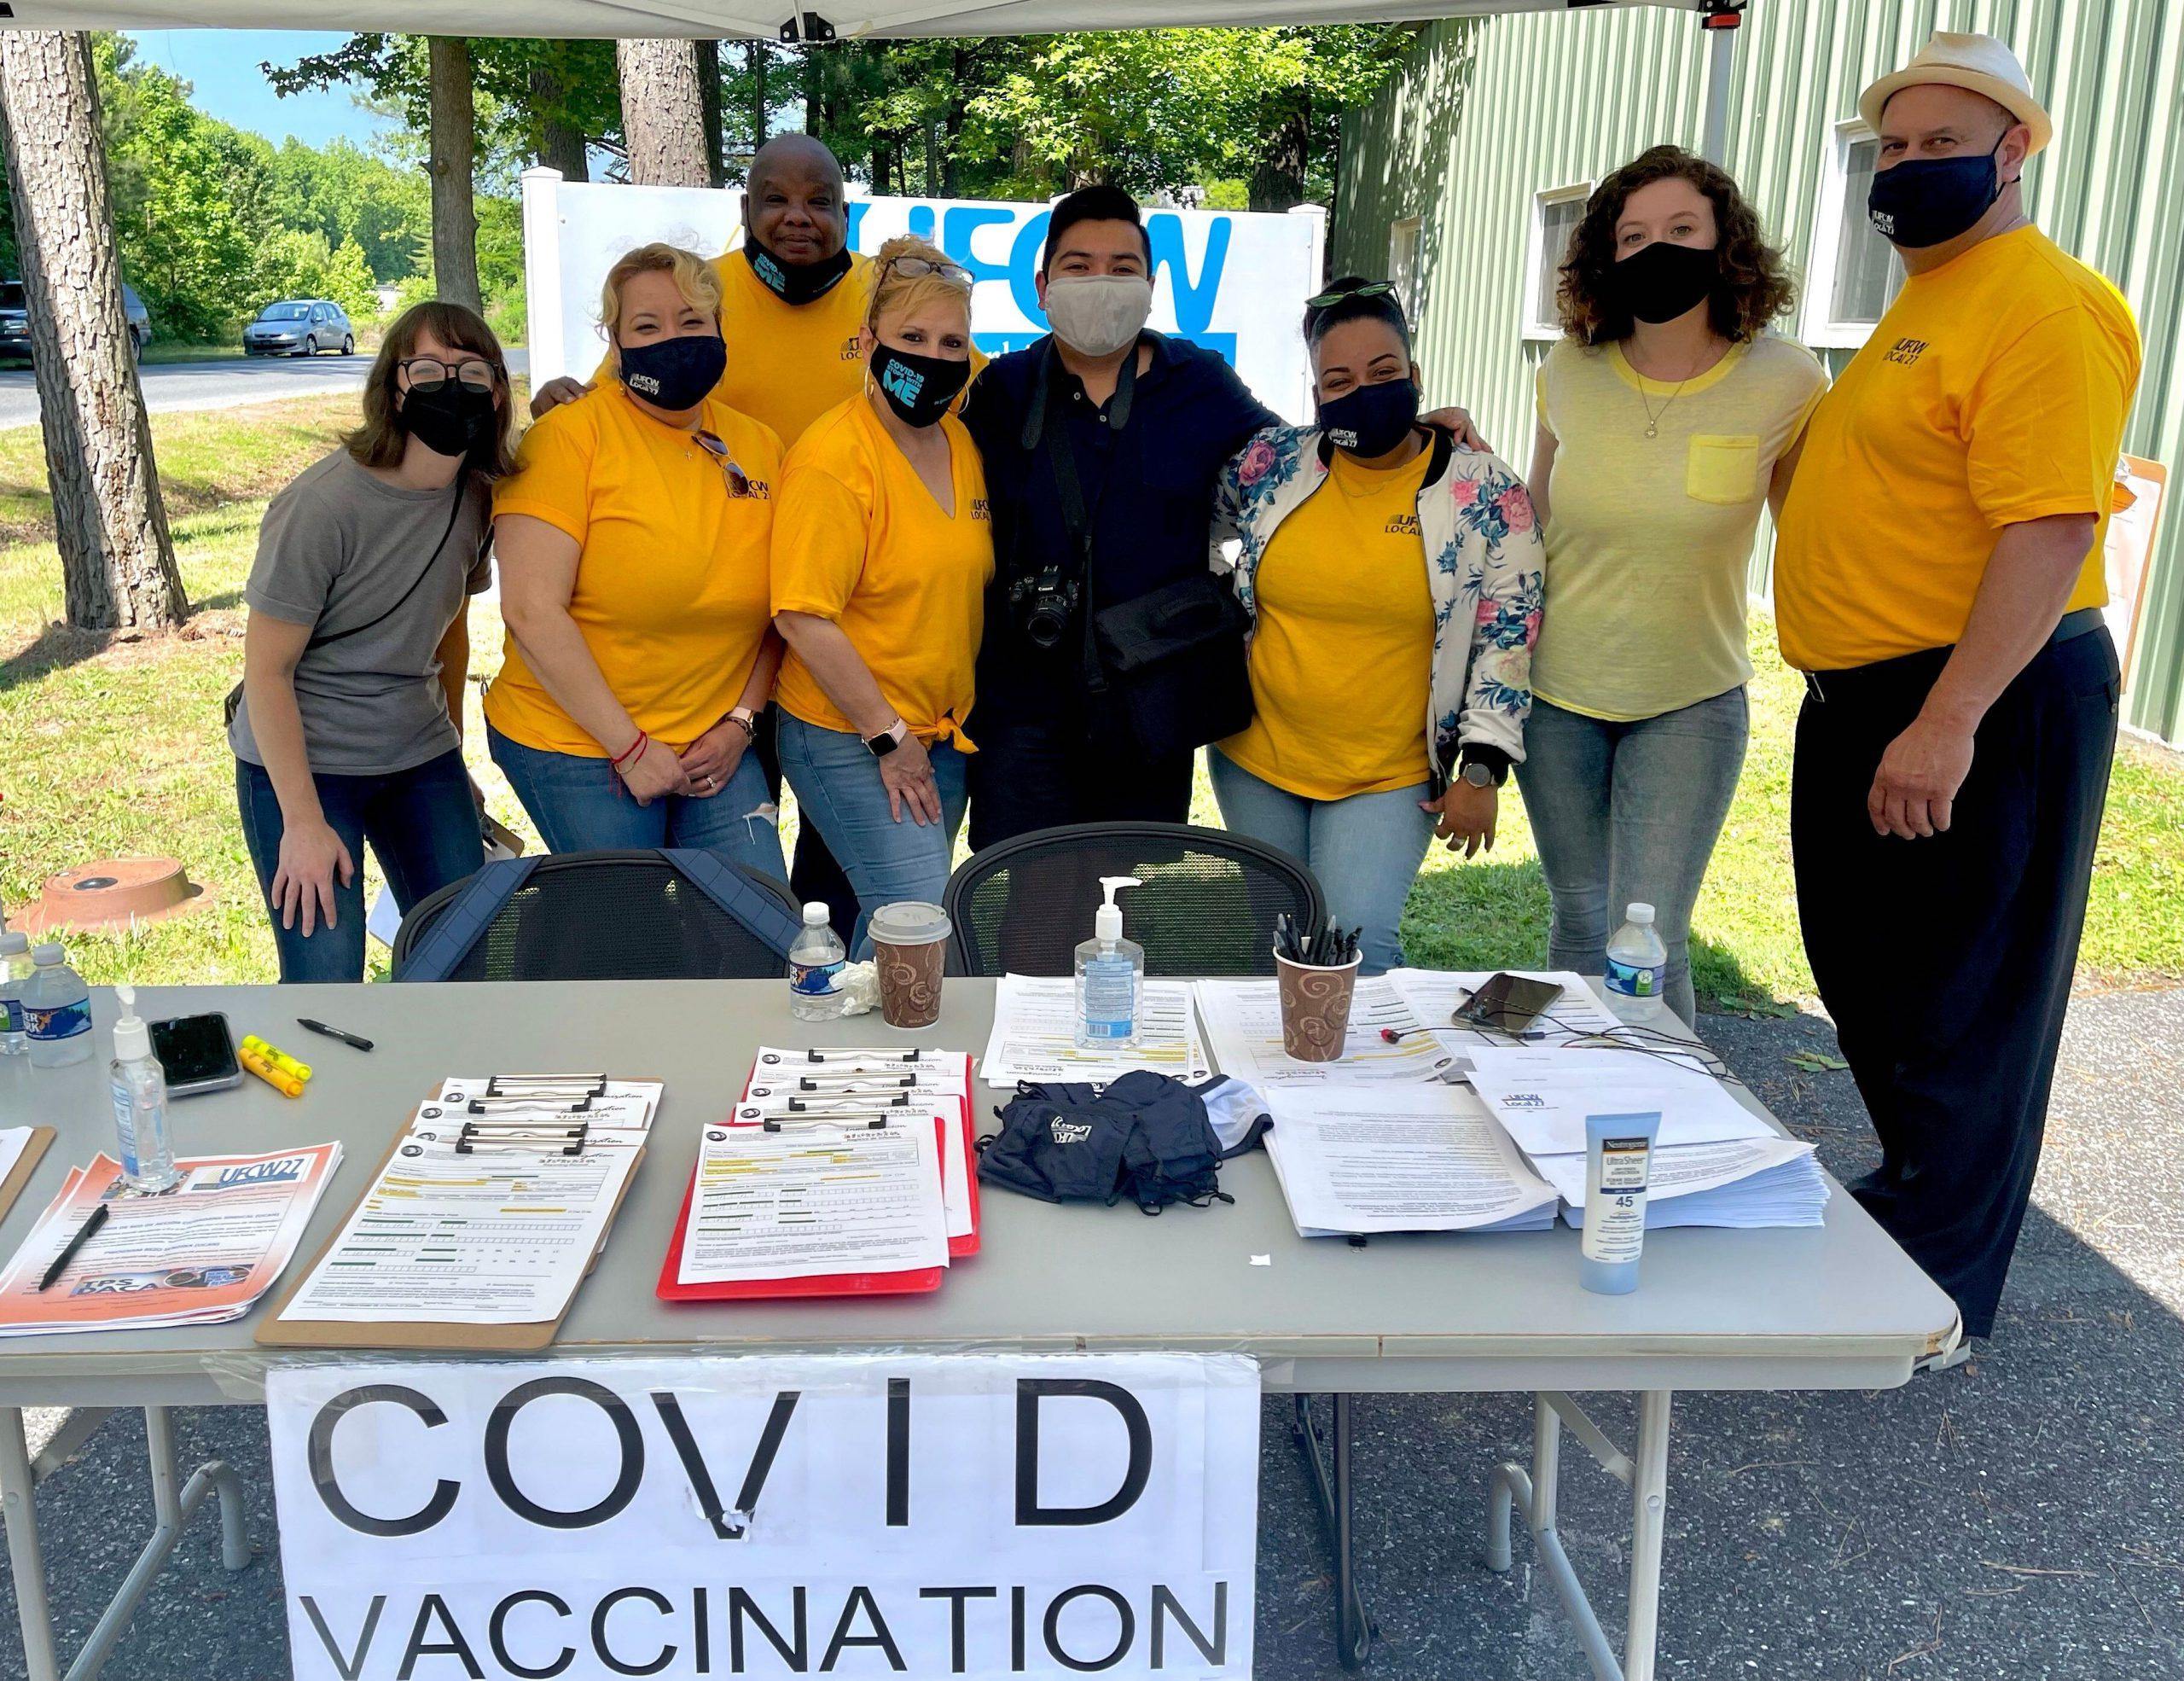 마스크를 쓰고 COVID 백신 접종소 테이블 뒤에 서 있는 성인 그룹